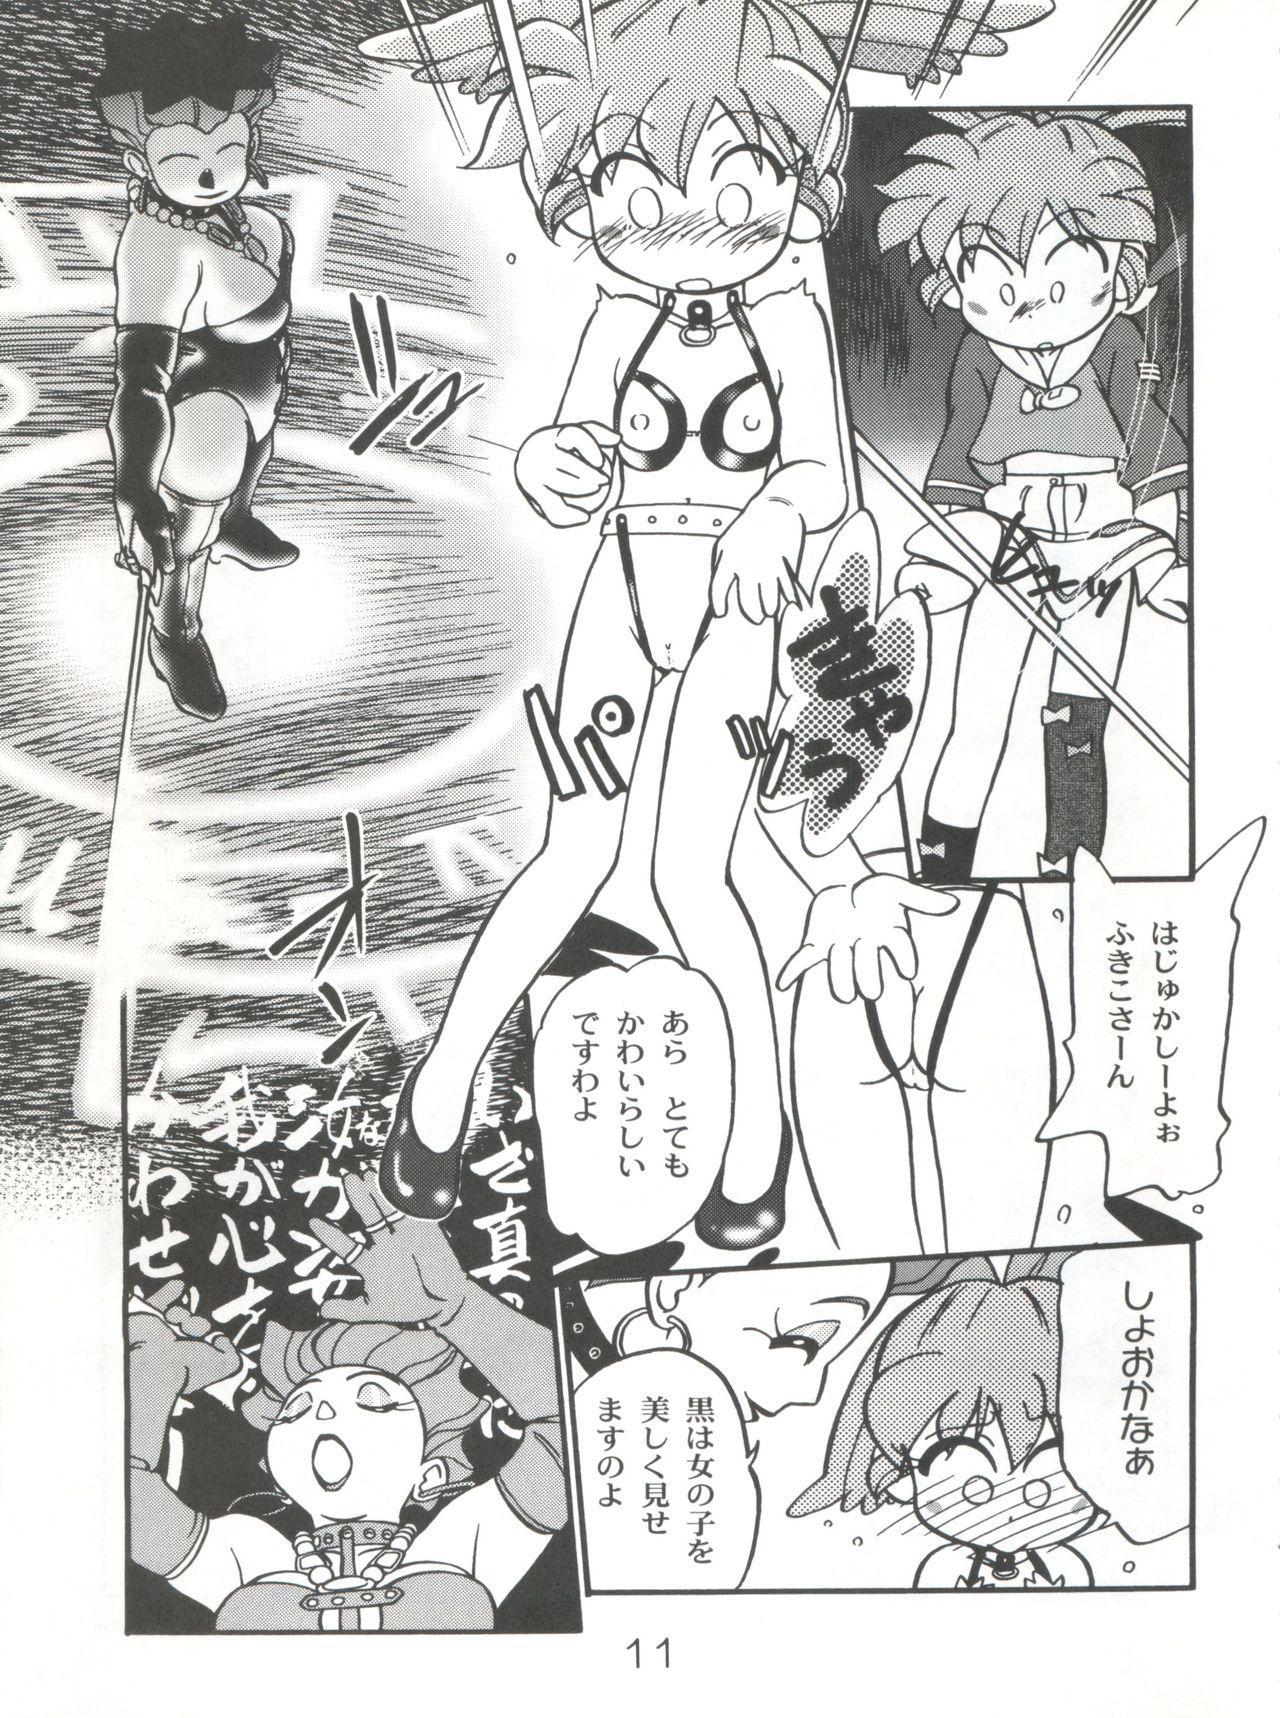 Mahou no Okusuri 9